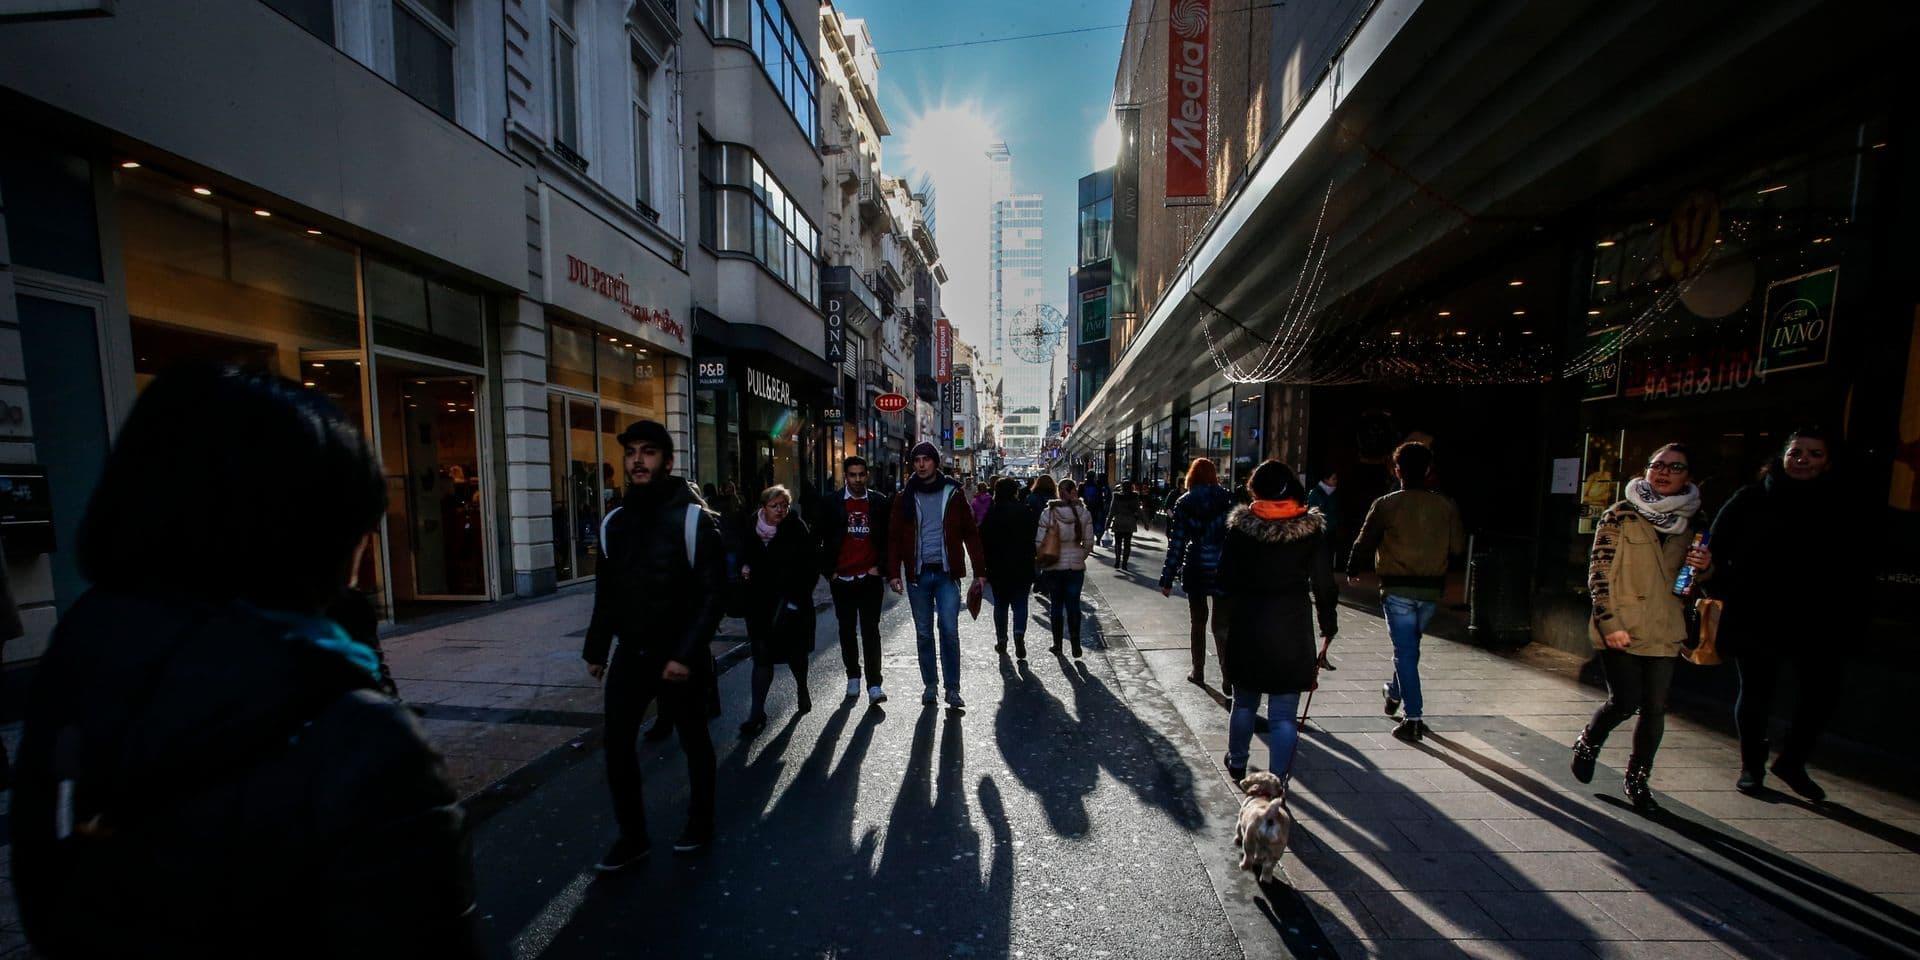 Déconfinement : les commerces rouvriront le 11 mai, les coiffeurs le 18 mai, l'Horeca devra patienter